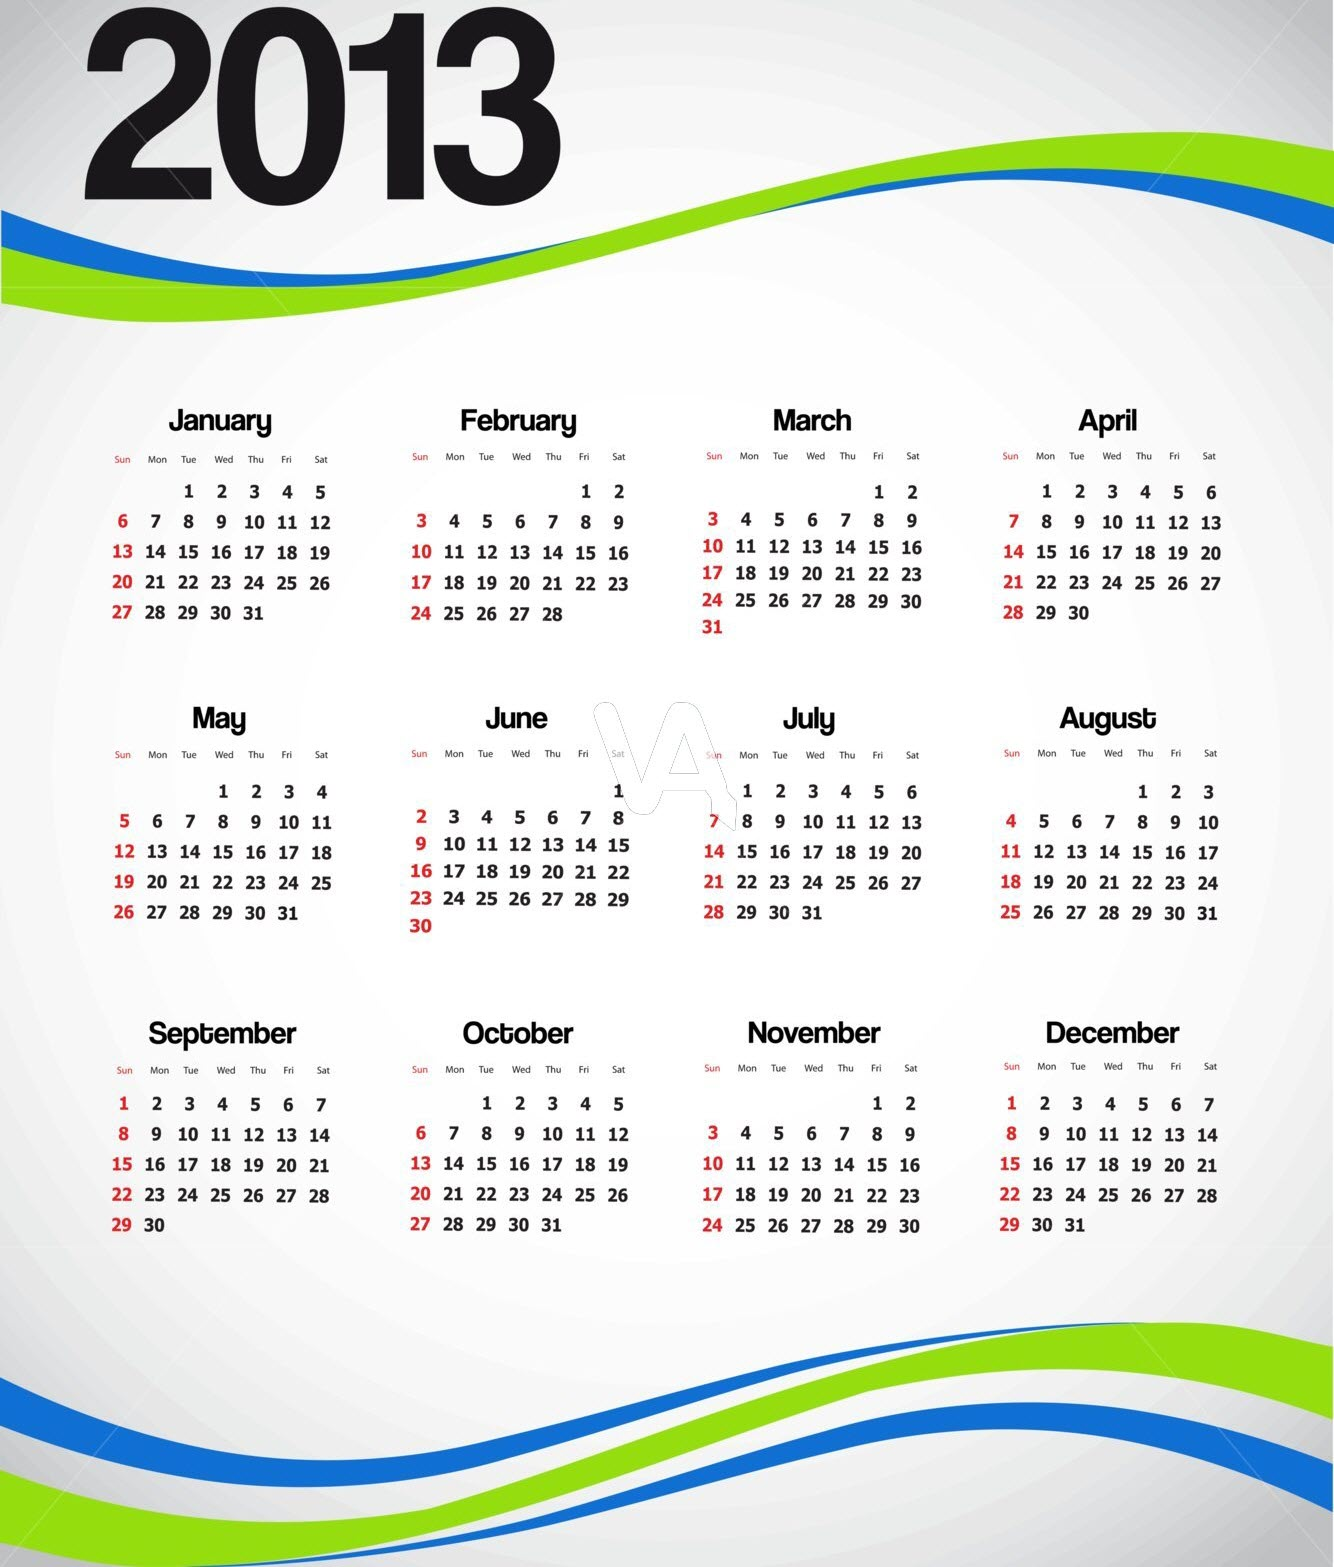 Beautiful 2013 Calendar Wallpaper for Desktop PC and Mobile